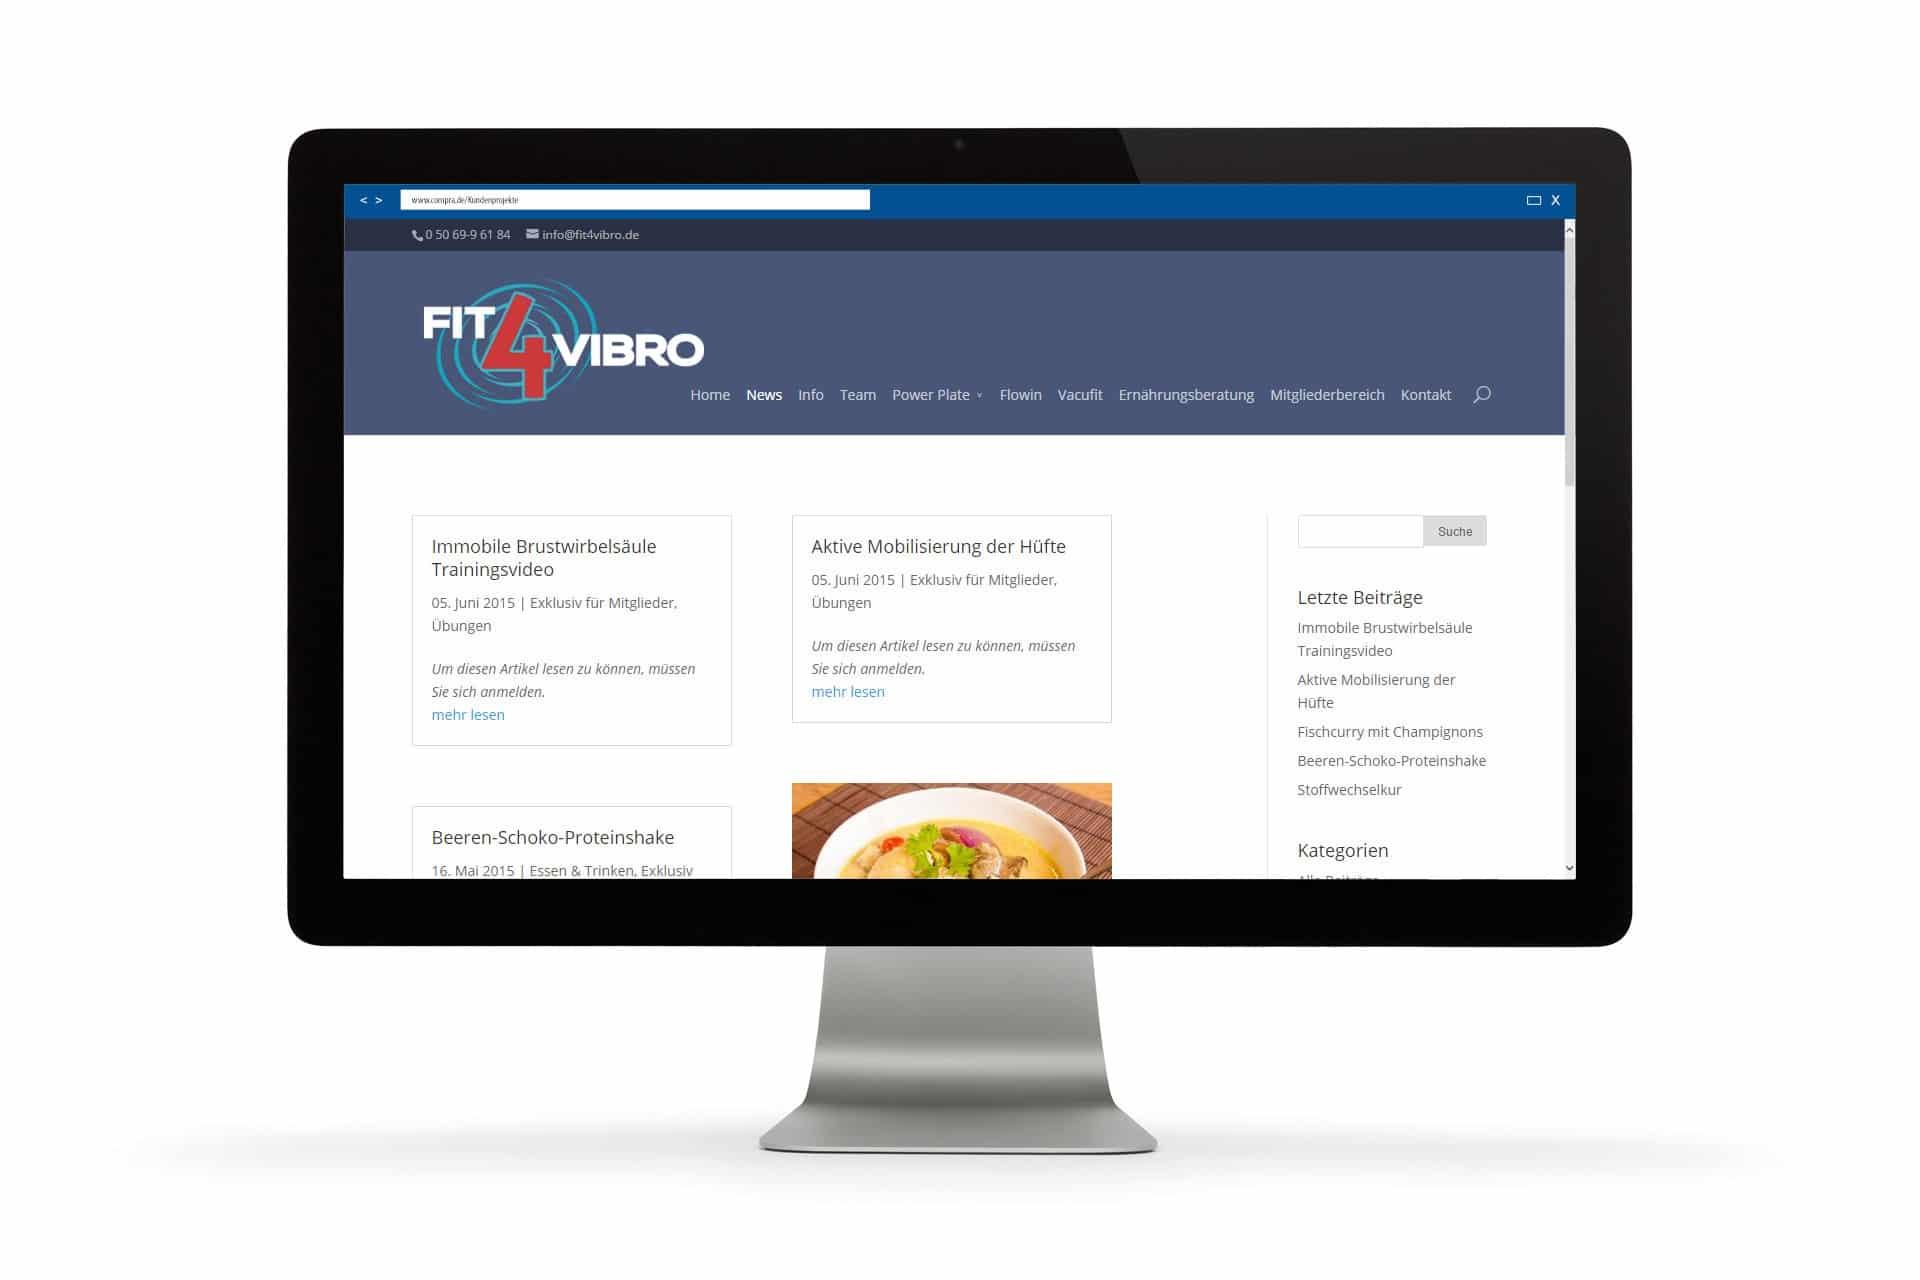 Im Newsfeed von Fit-4-Vibro gibt es Spannendes rund um das Thema Fittness und Ernährung zu lesen.